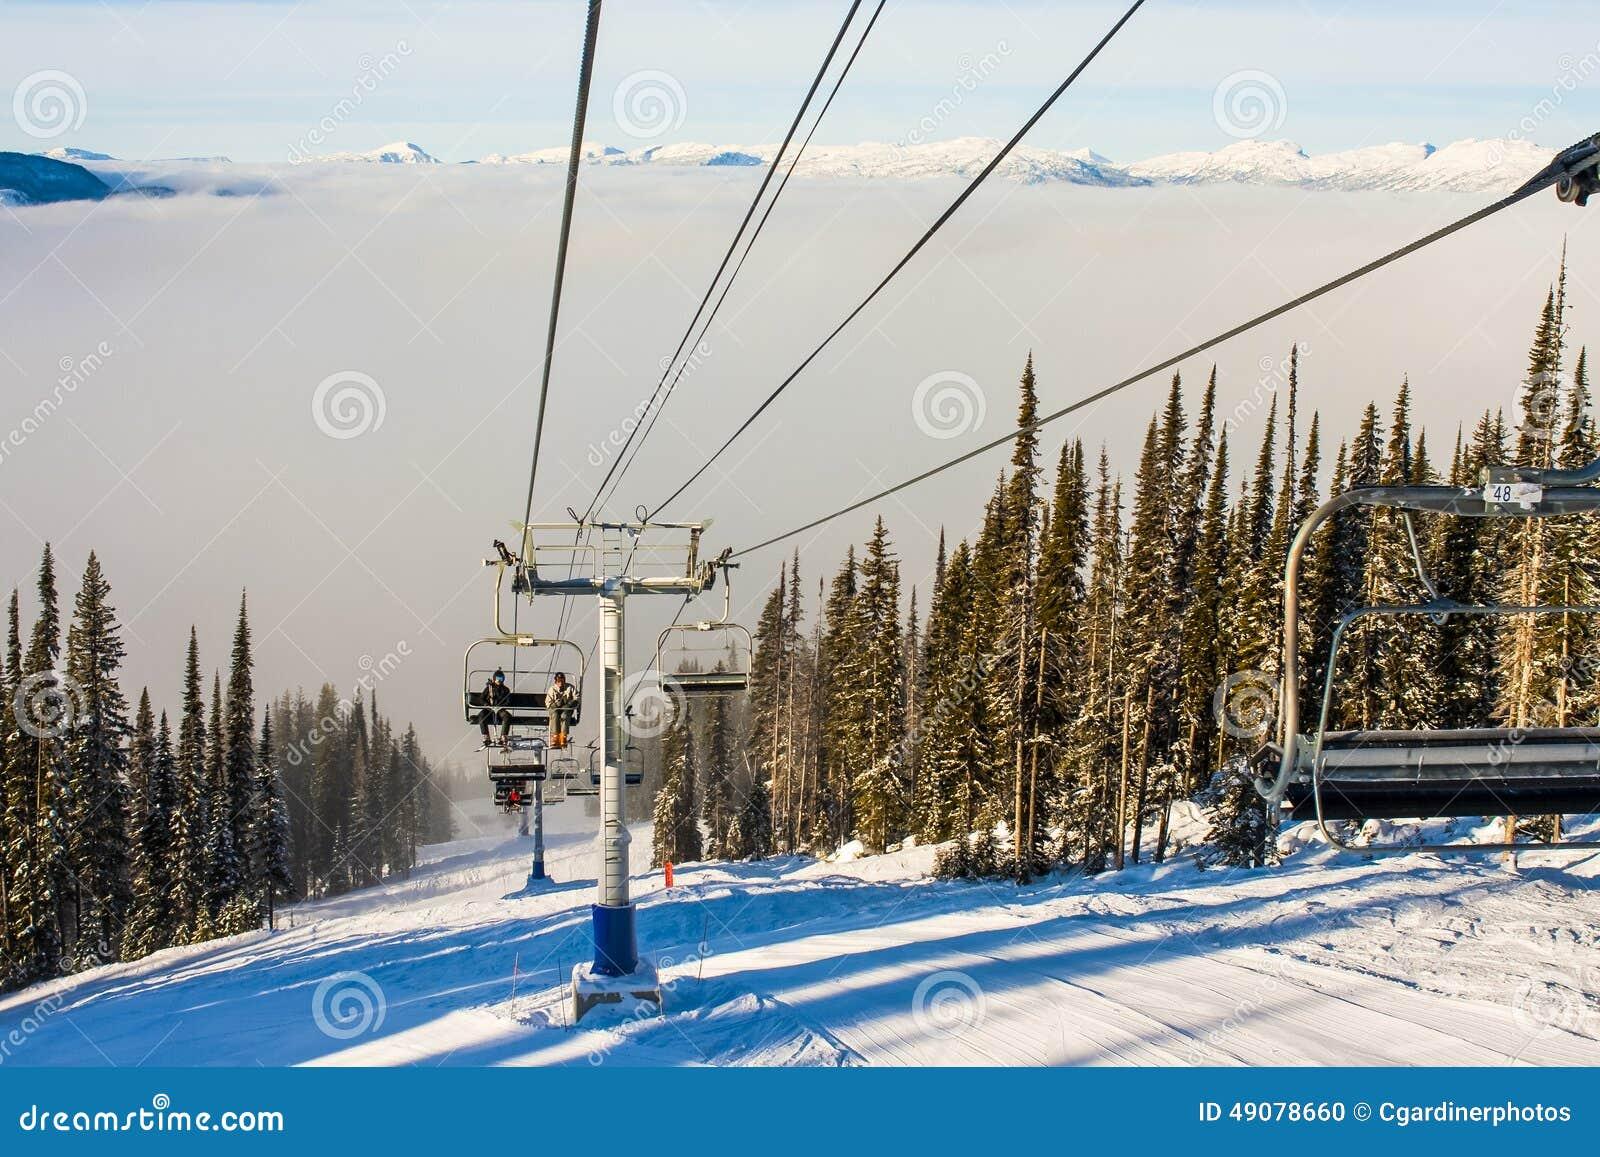 一辆滑雪胜地驾空滑车在冬天